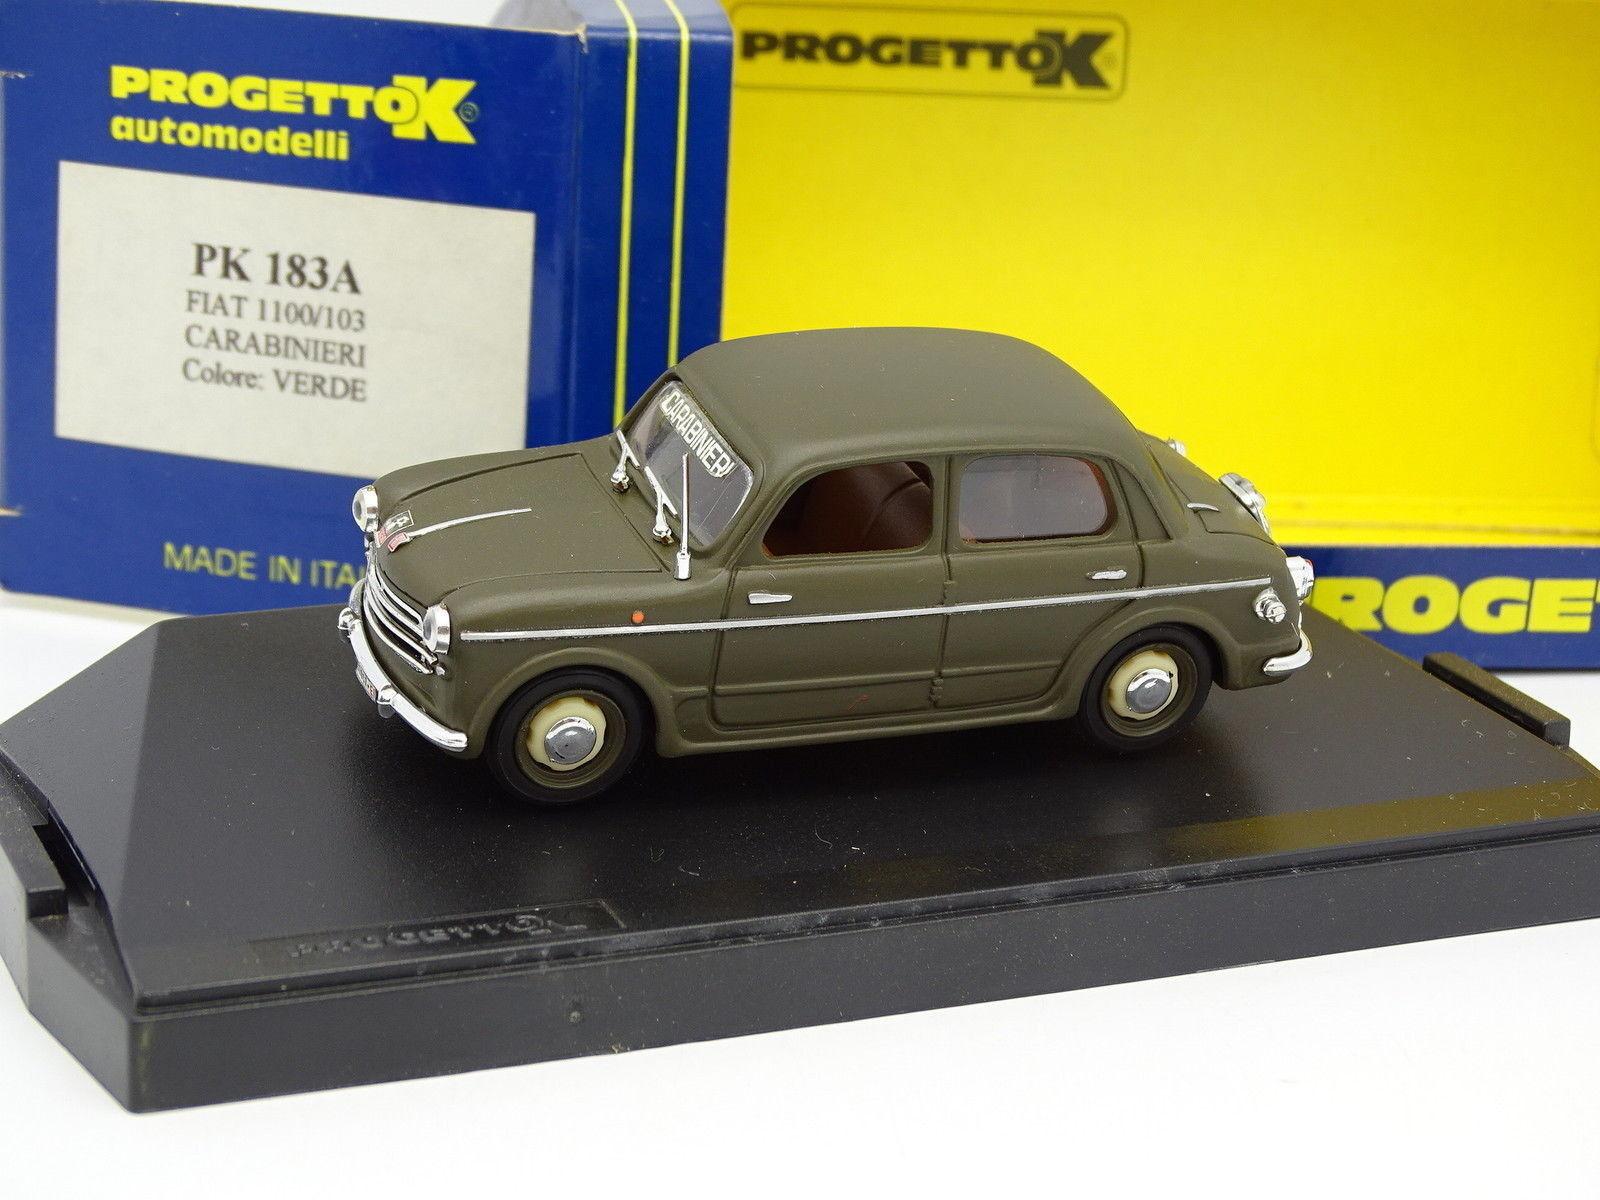 Progetto K 1 43 - Fiat 1100 103 Carabinieri Militaire